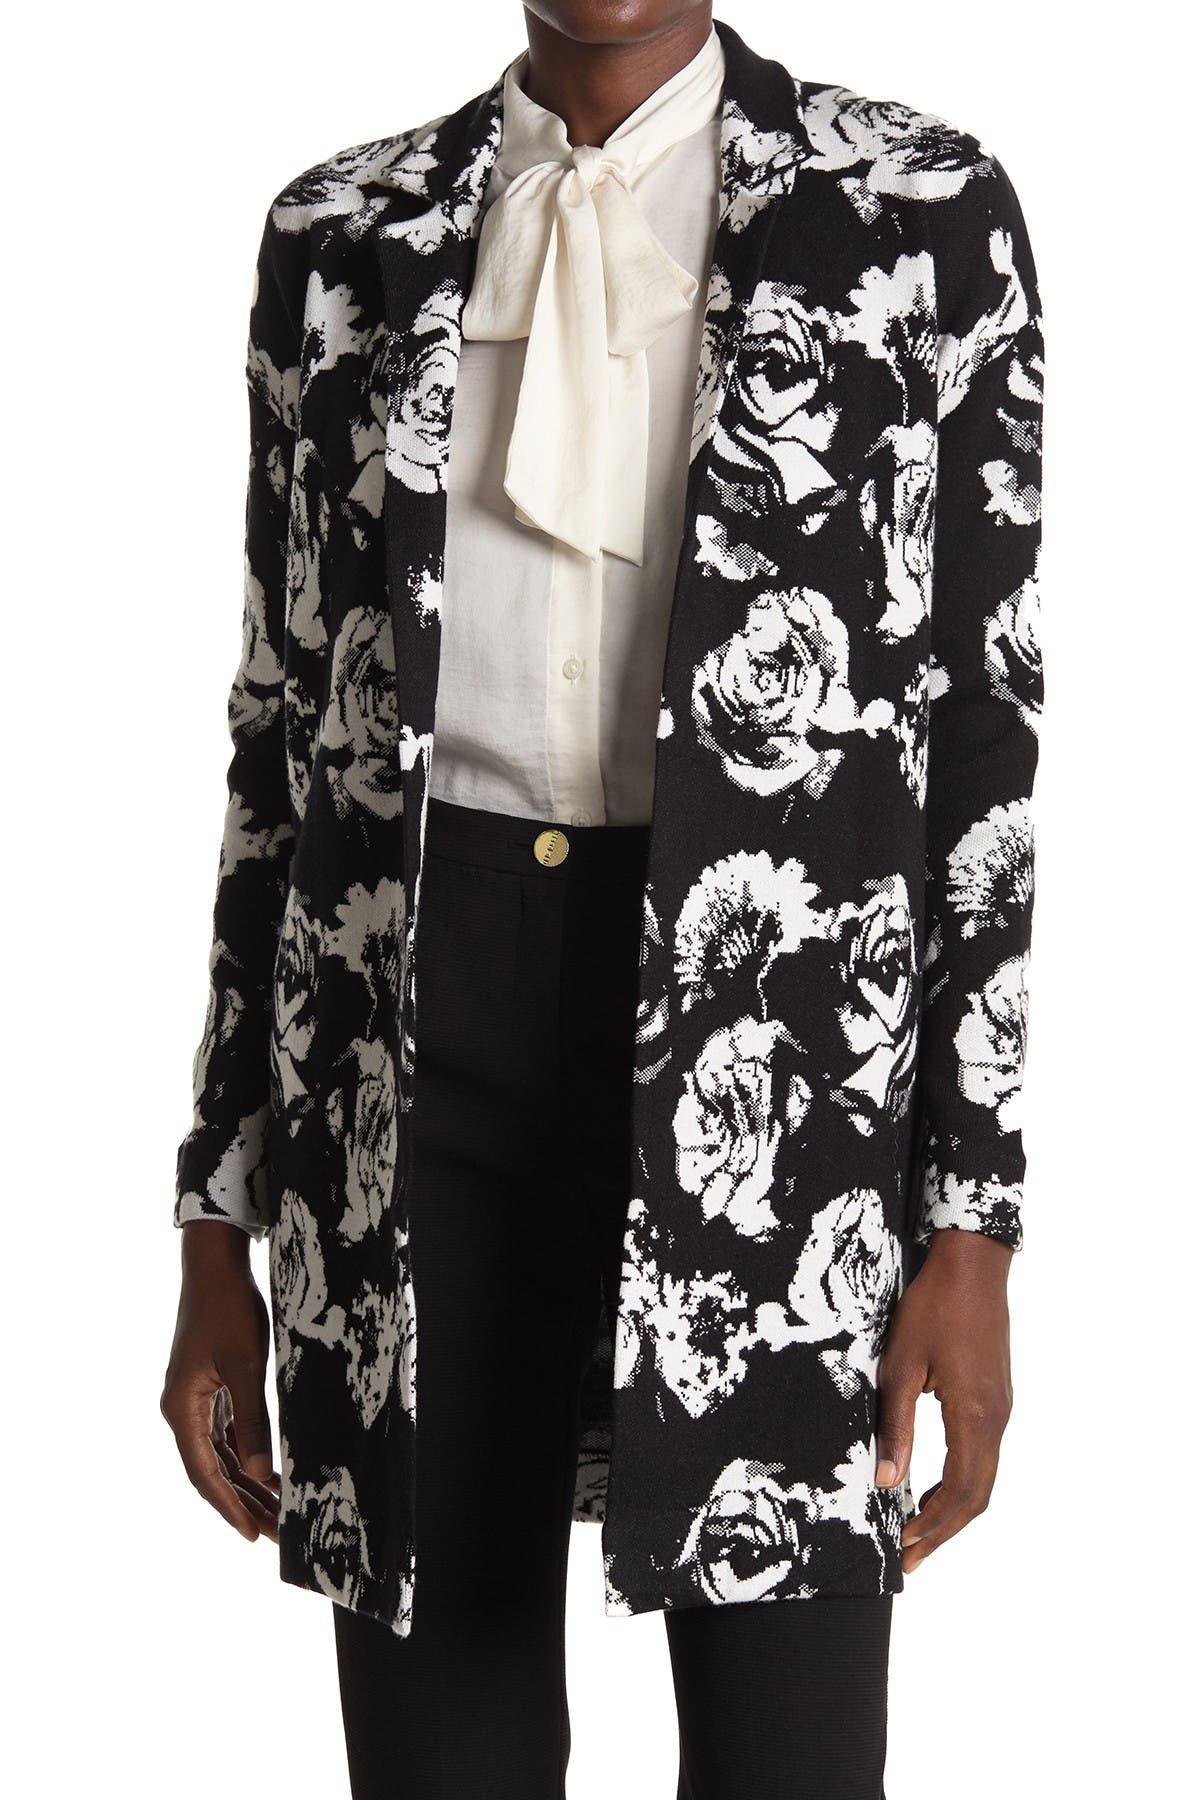 T Tahari Notch Collar Rose Printed Coat at Nordstrom Rack